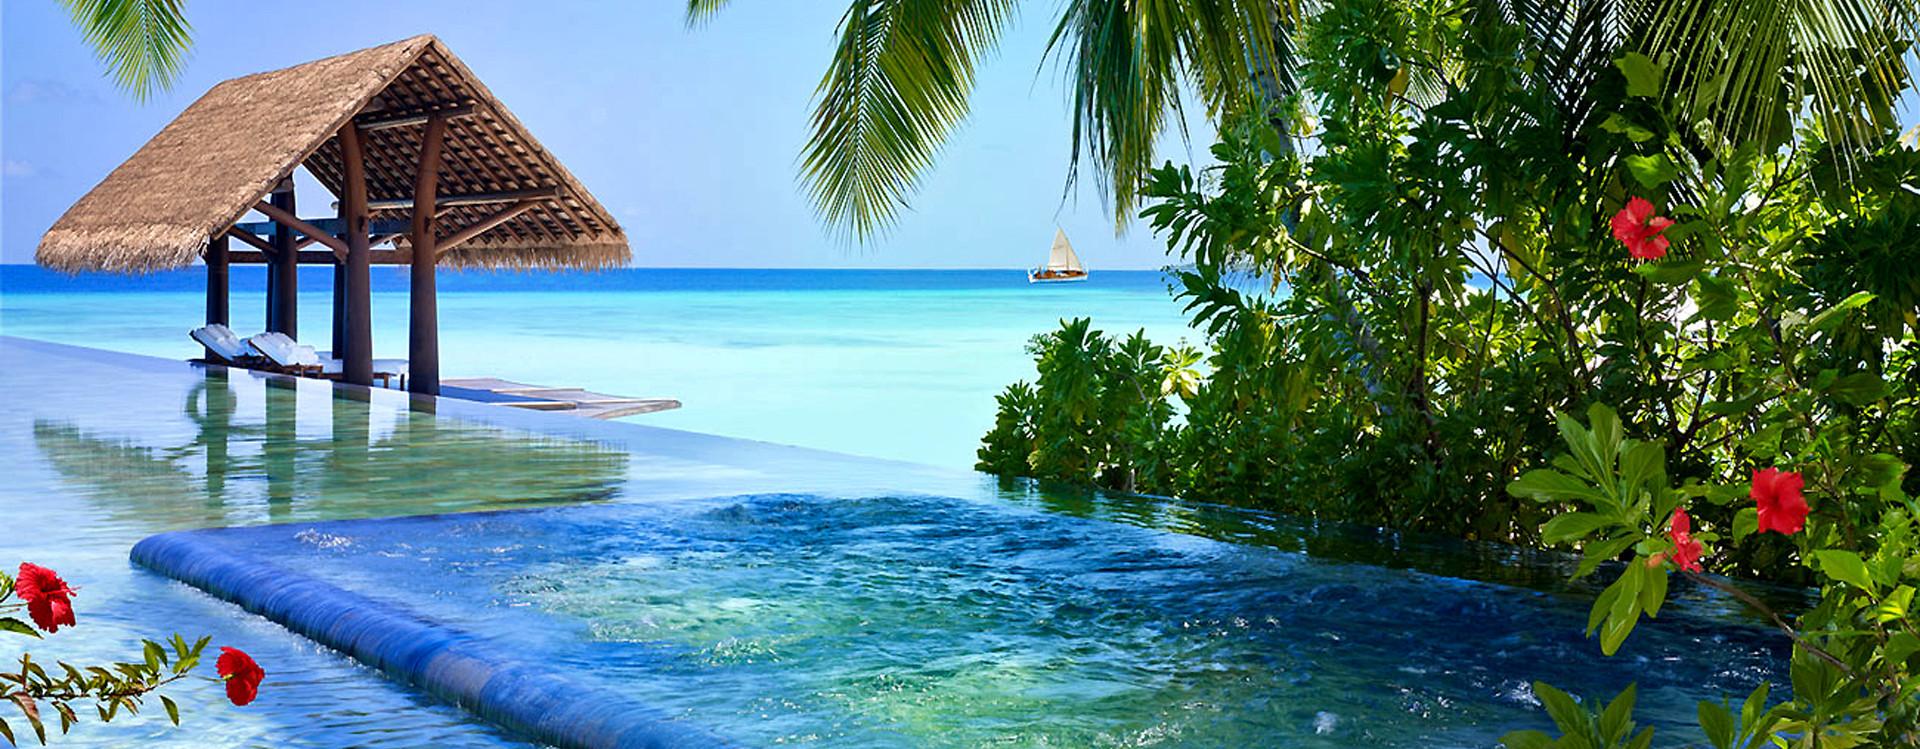 лучший отель на Мальдивах